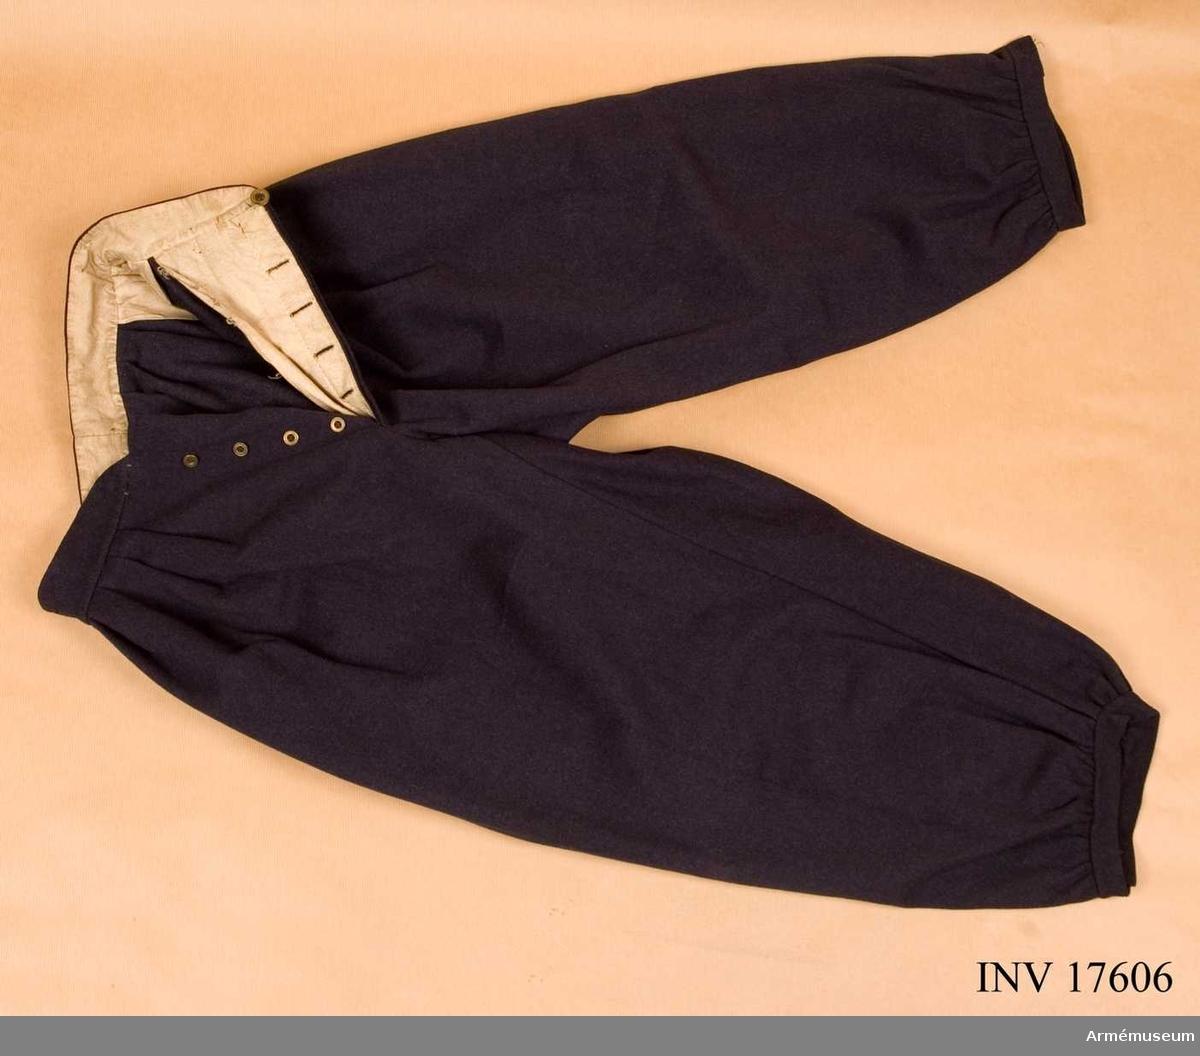 Grupp C II. Byxor för menig vid Gardets Jägarbataljon. Pantalon av gråblått kläde. De har två fickor på sidorna med prydliga gula snörbroderier. Byxorna har sprund med fyra järnknappar; runt bältet har tyget många veck. Fodret är gjort av vitt fodertyg. Byxorna har golfbyxmodell; de är breda med ett litet sprund och knapp på byxbenen. Litteratur: Handbuch der uniformkunde, prof R. Knötel, Hamburg  Lösbladspärm Band VII nr 5 Frankreich. Jäger zu Fuss, Kaisergarde Napoleon III, 1857. Bilden visar byxor med gula snöbroderier på sidan, som liknar de här beskrivna. Handbuch der Uniformenkunde, prof Knötel-Sieg, Hamburg 1937 sid 162. Under det andra kejsarriket (1854-1871) i Frankrike fanns det en gardets jägarbaljon och tjugo linjebataljoner. Enligt kapten W. Granberg.